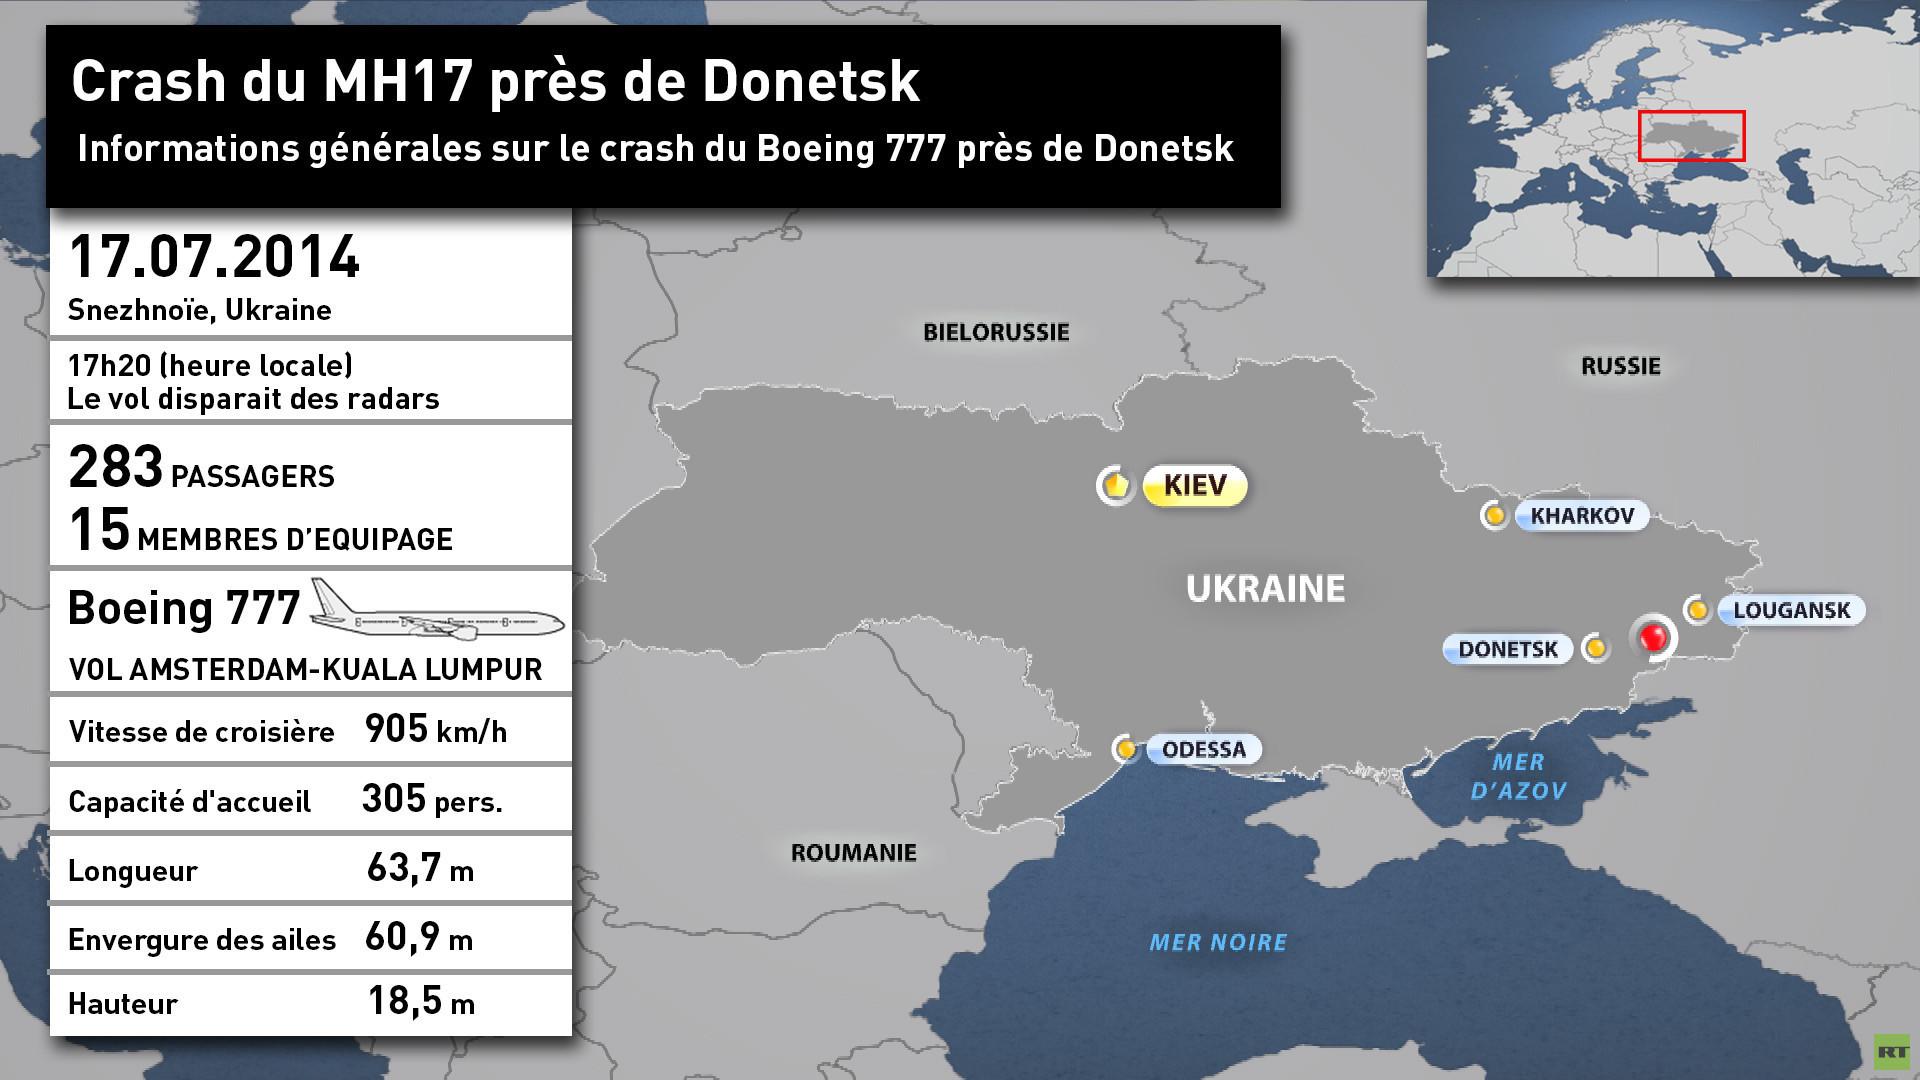 Moscou : les enquêteurs néerlandais ont ignoré les images radar du MH17 transmises par la Russie